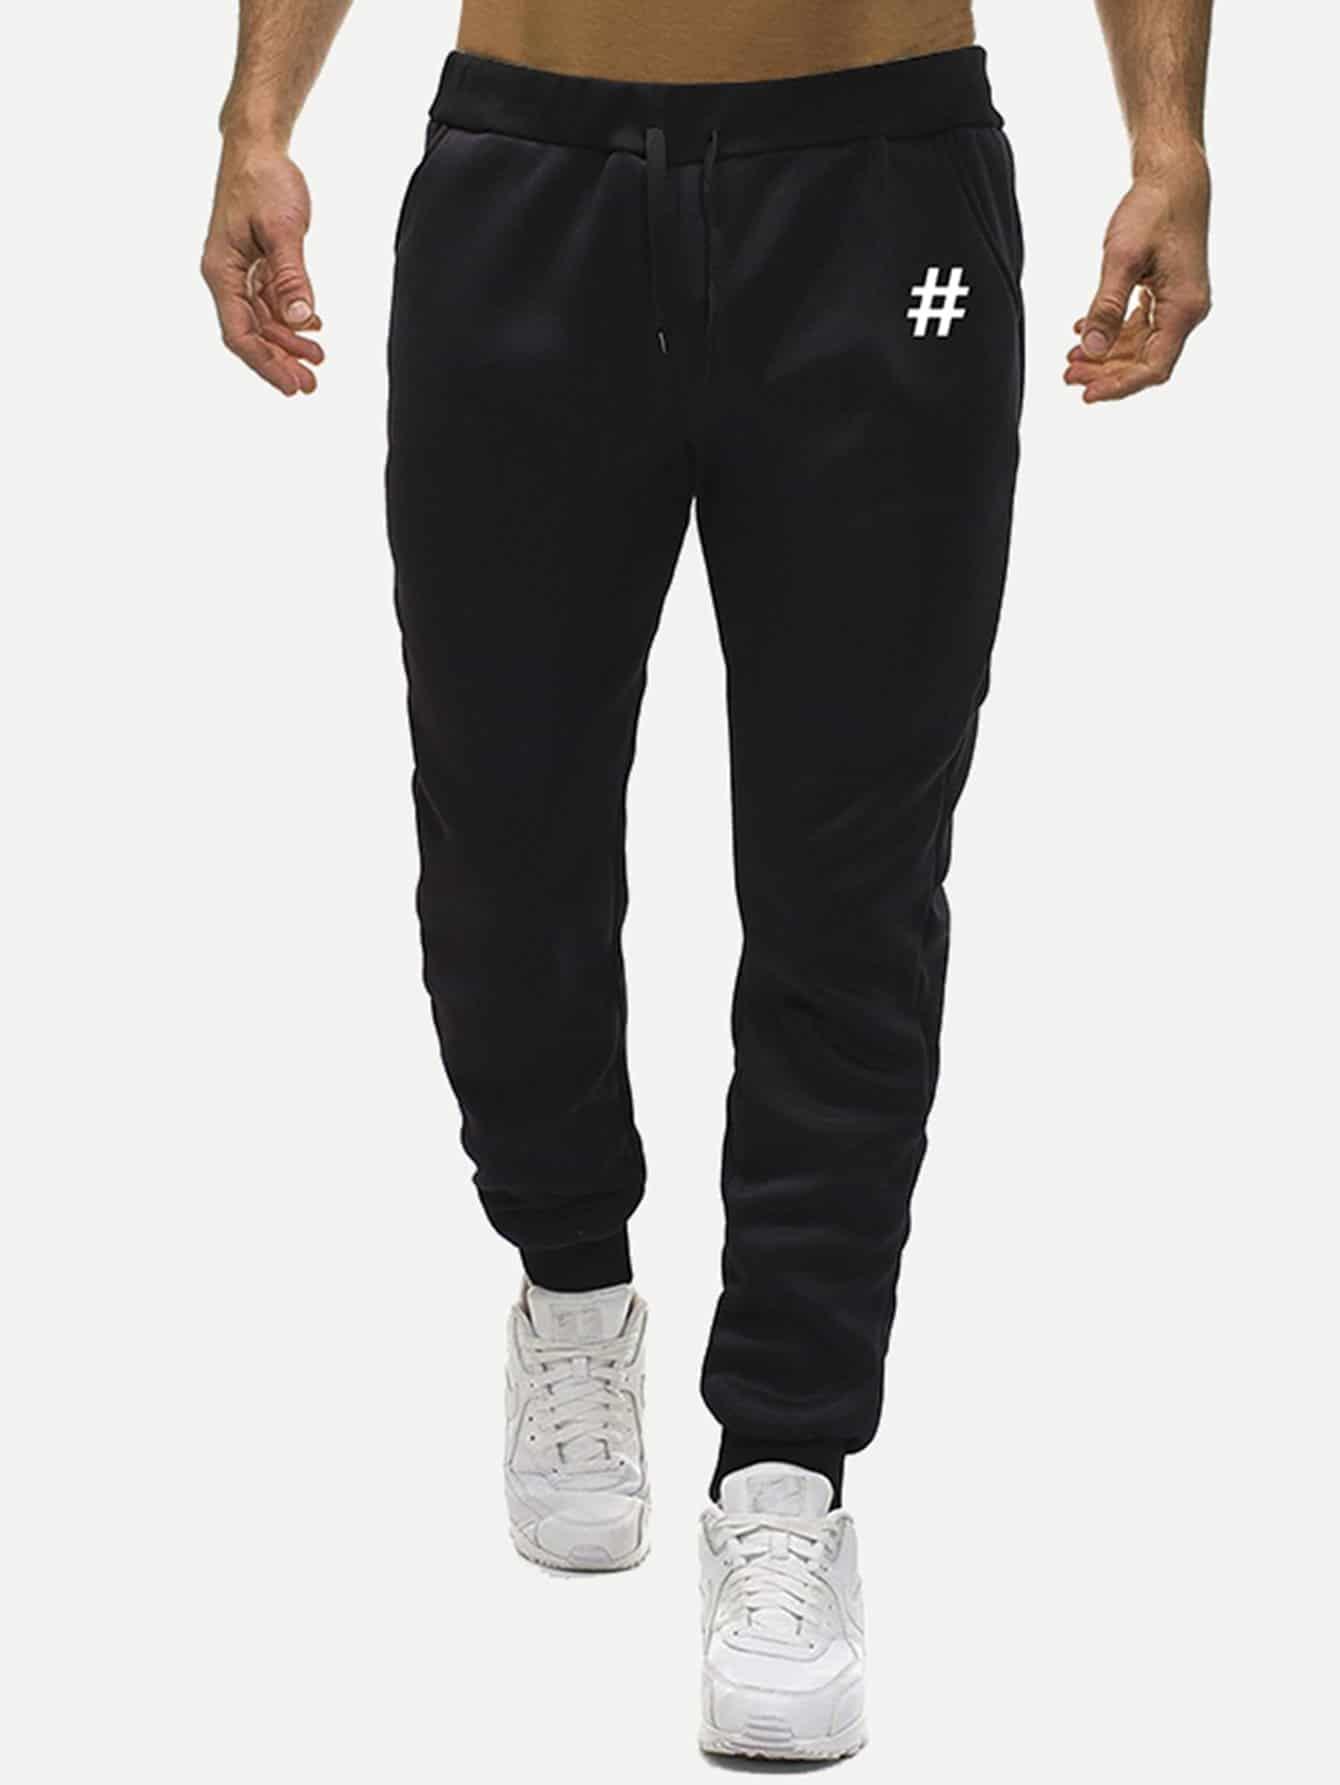 Фото - Мужские брюки с принтом геометрических фигур от SheIn черного цвета